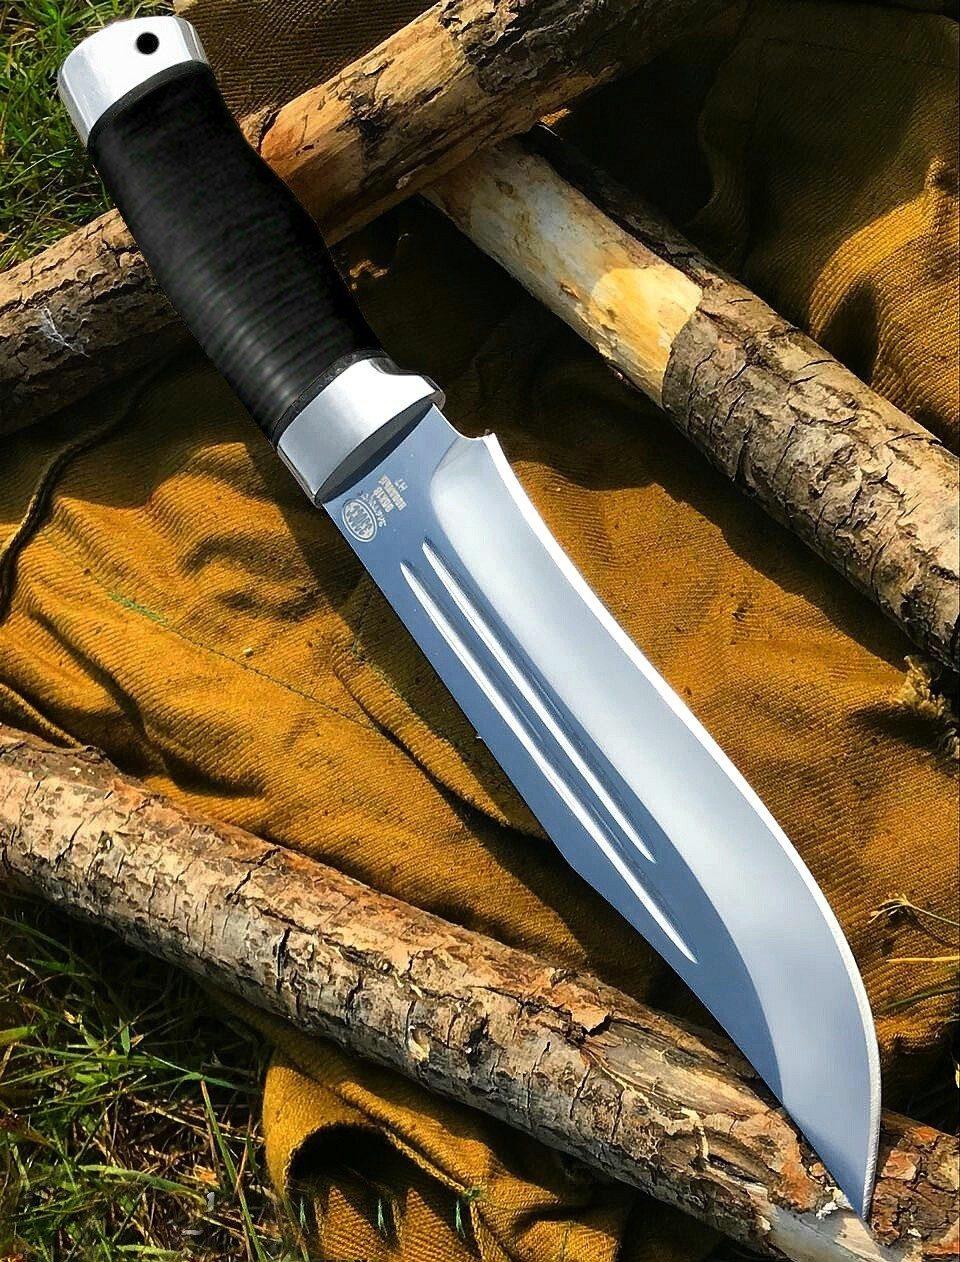 Фото реальных ножей